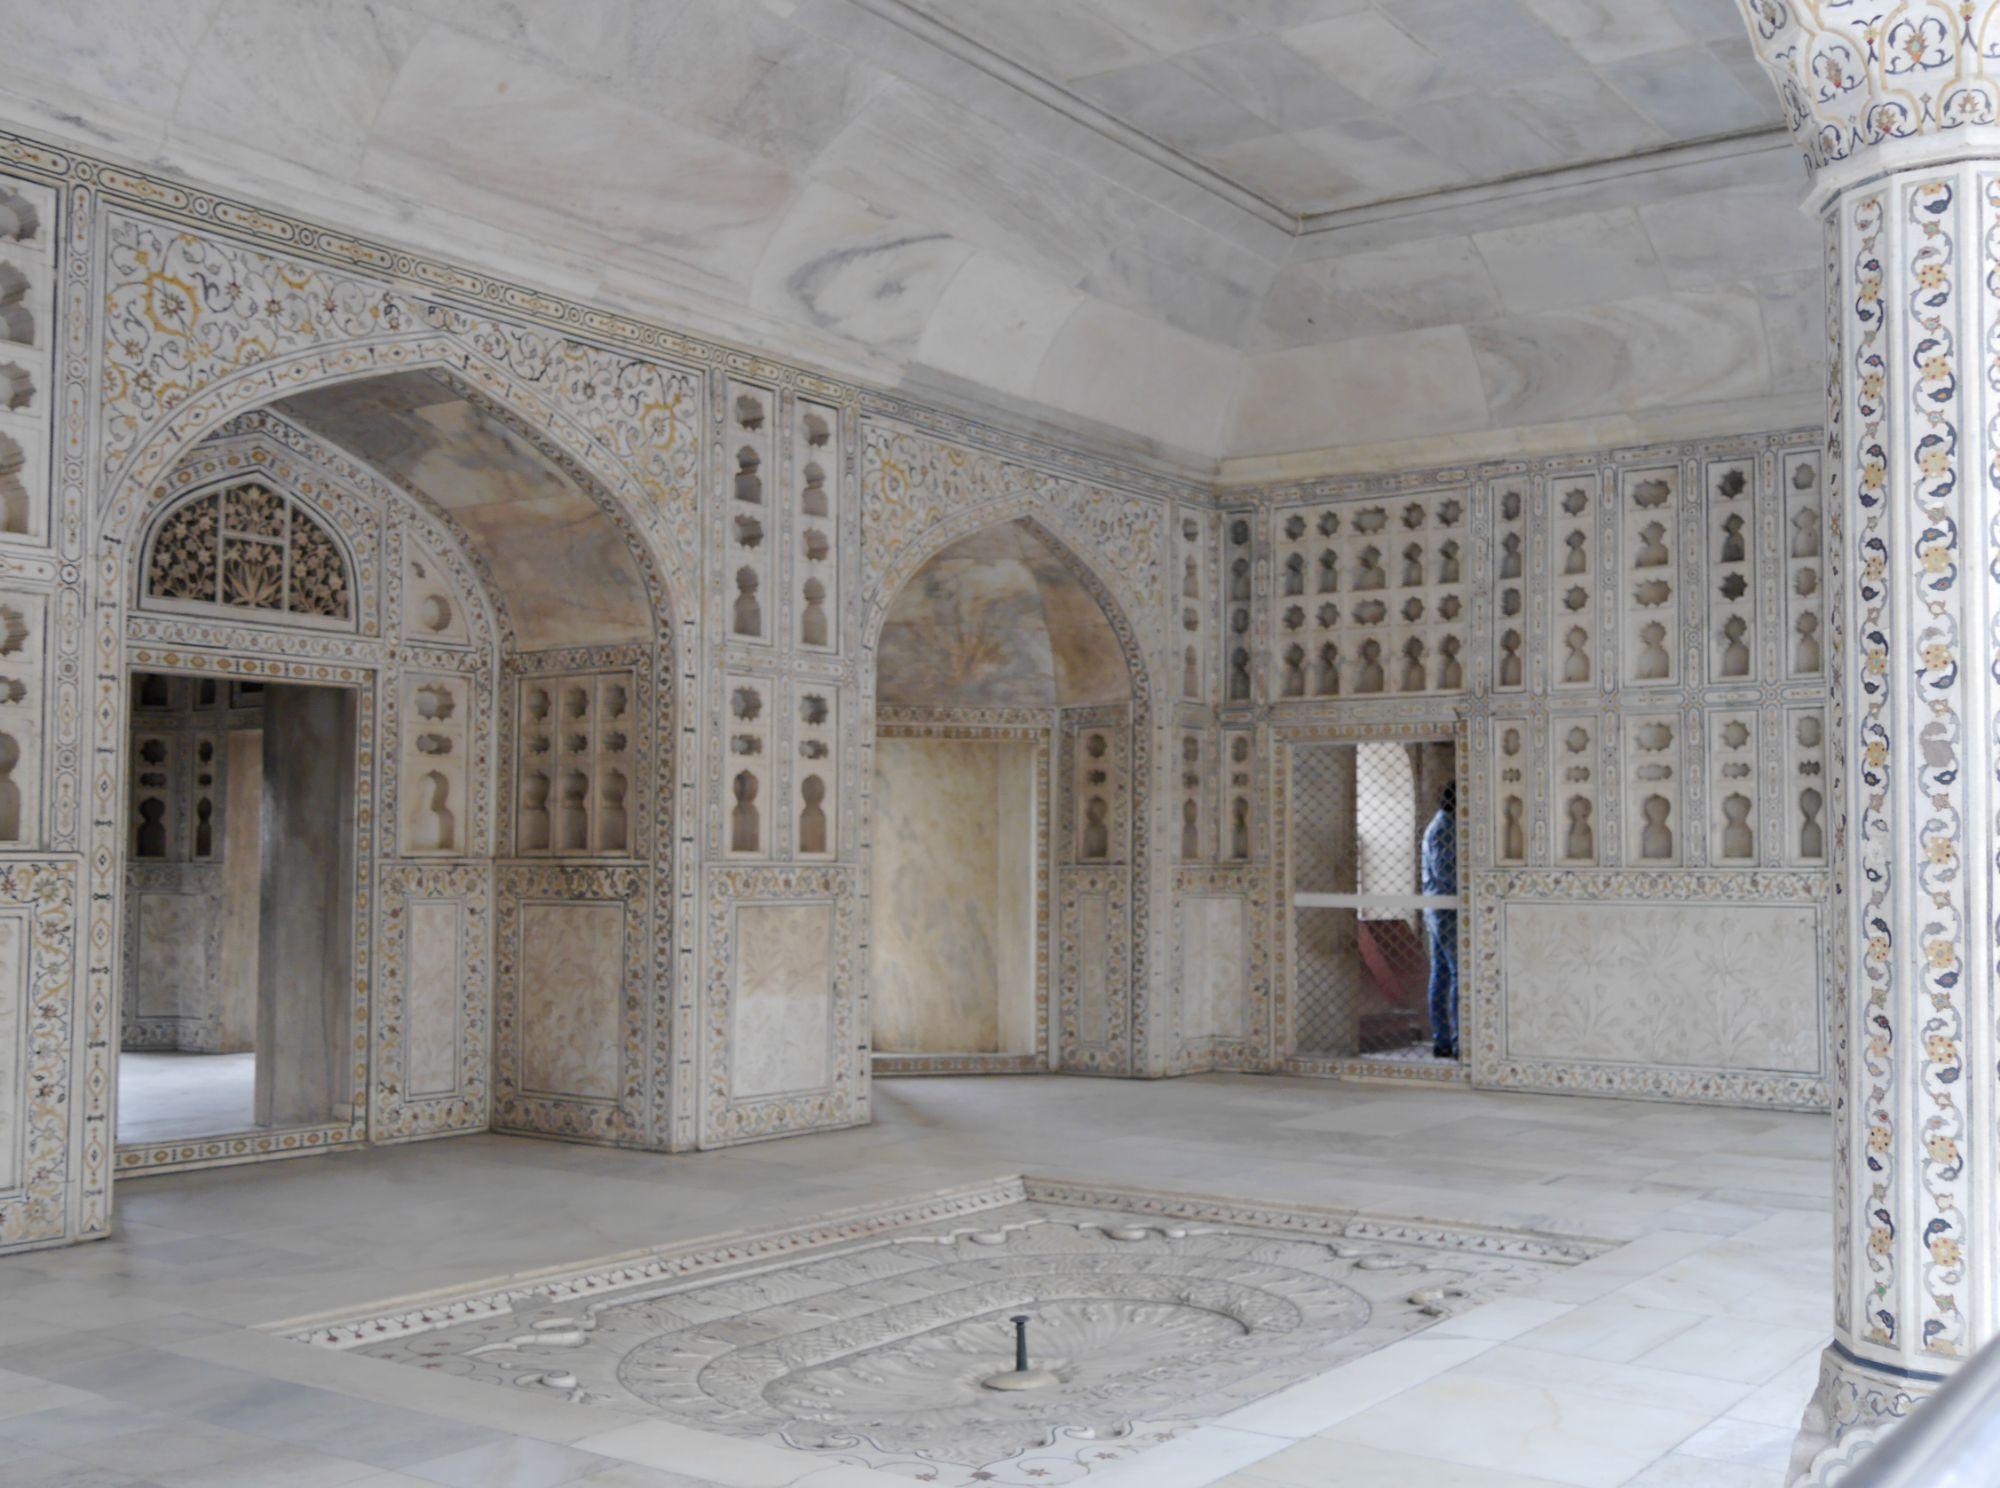 180211 Agra (381)